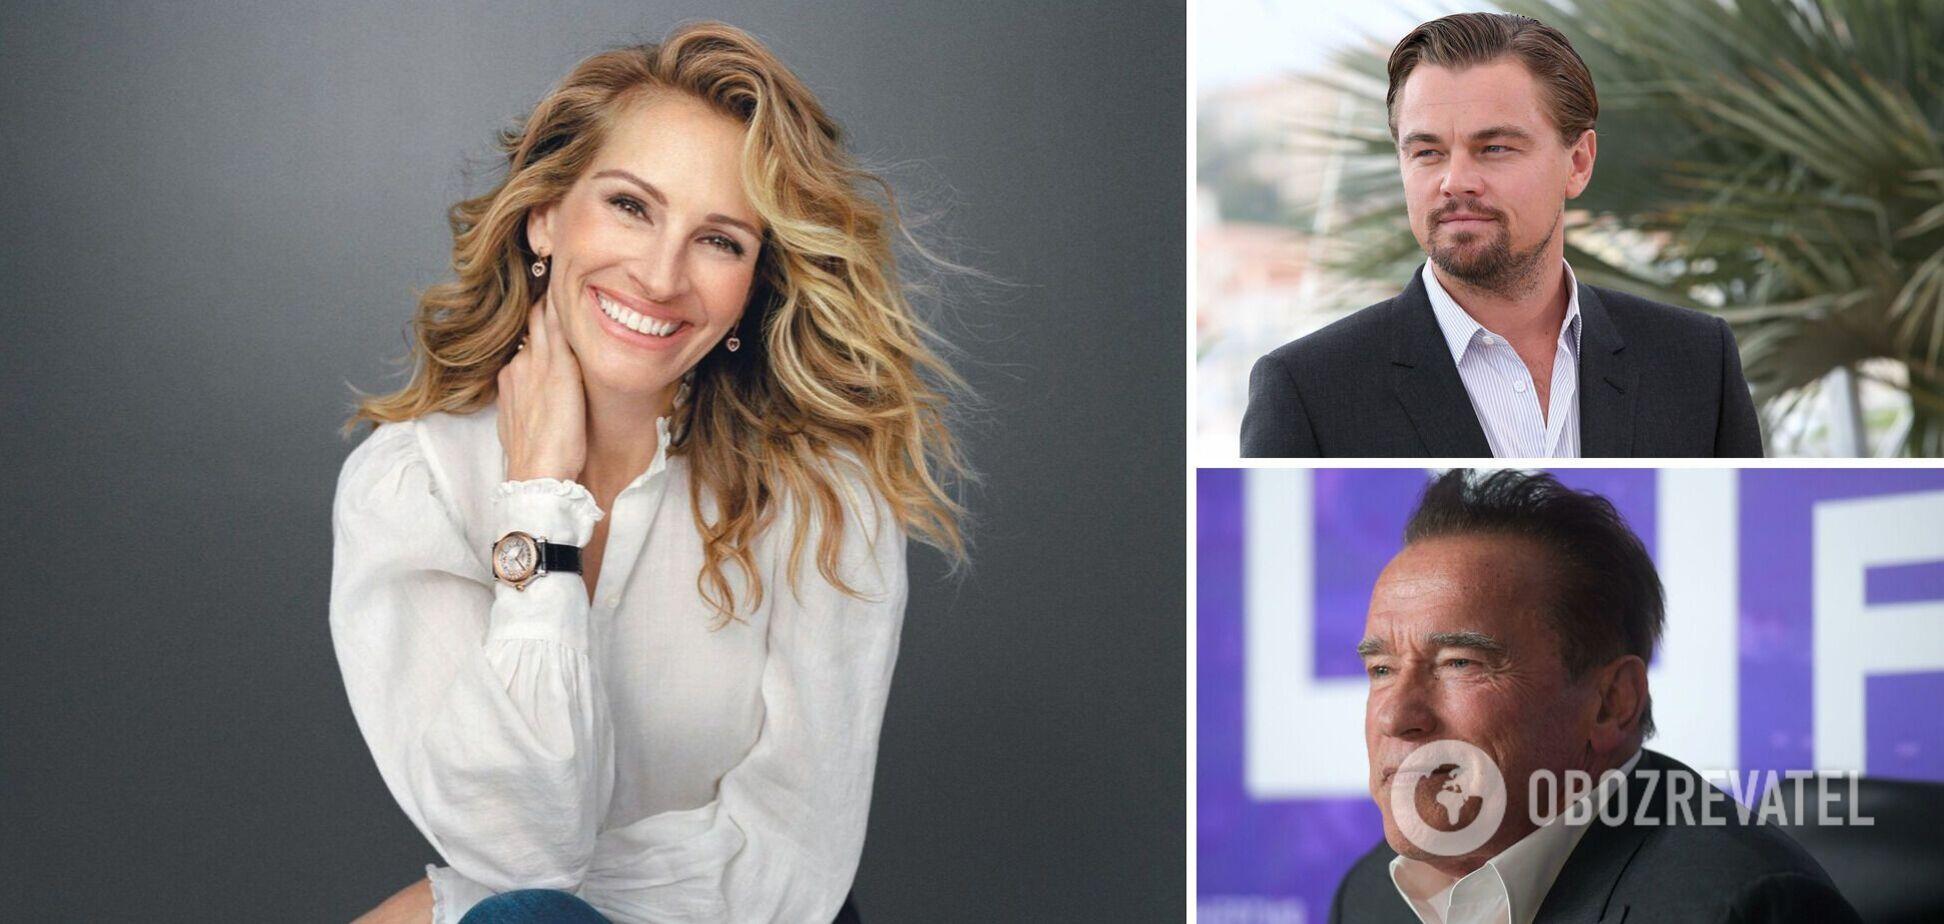 Робертс, Ди Каприо и Шварценеггер: как выглядели голливудские звезды в начале карьеры